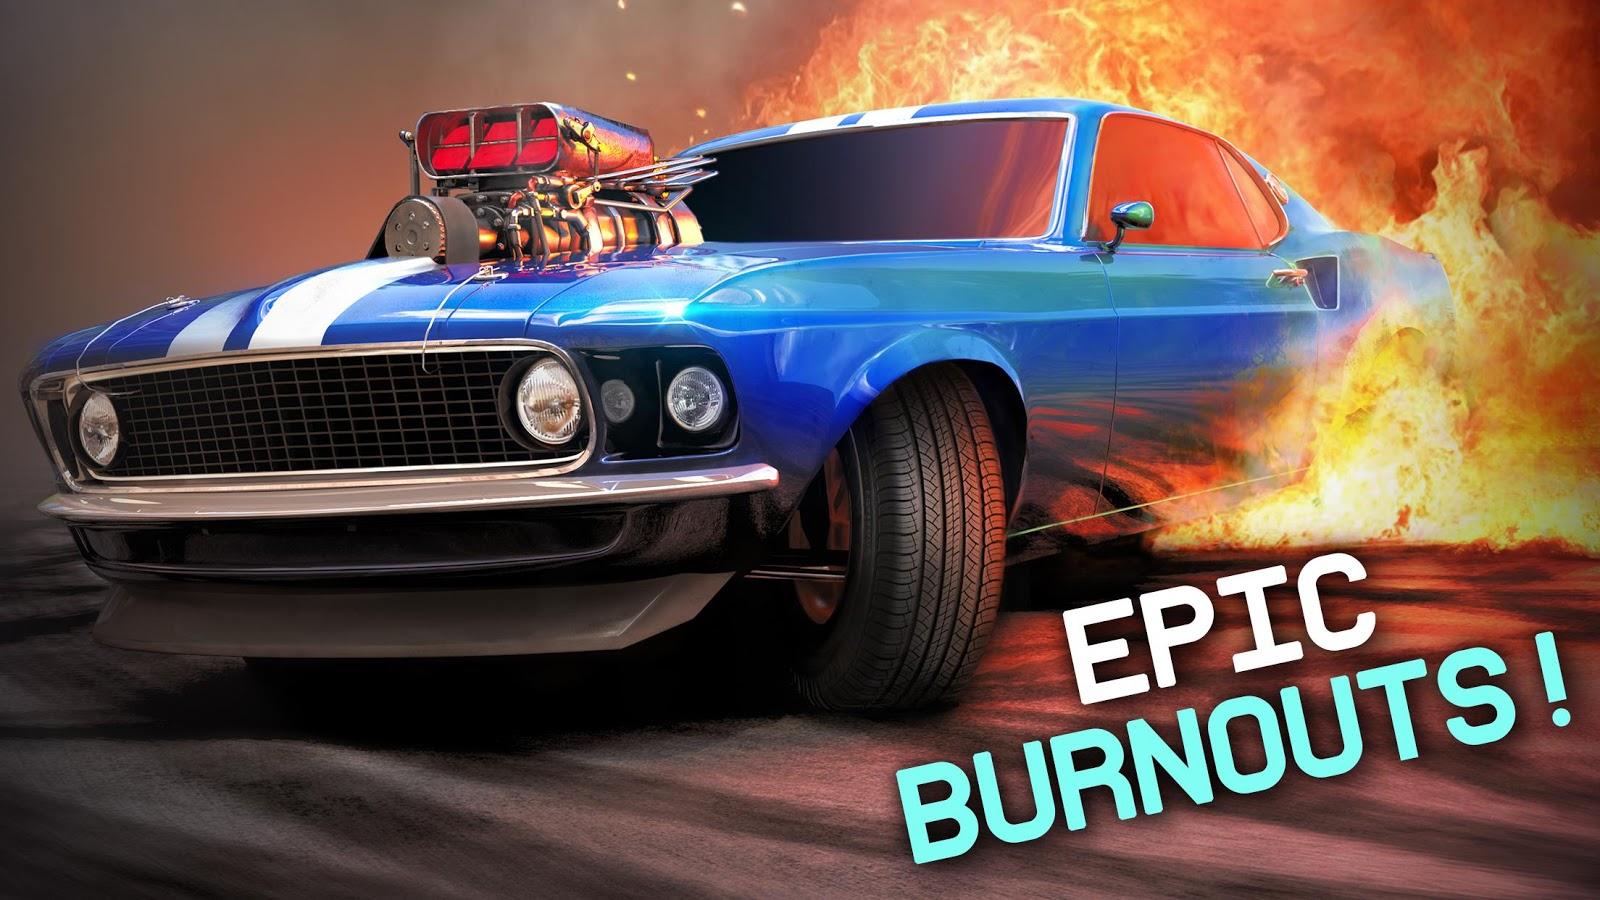 burnout apk download